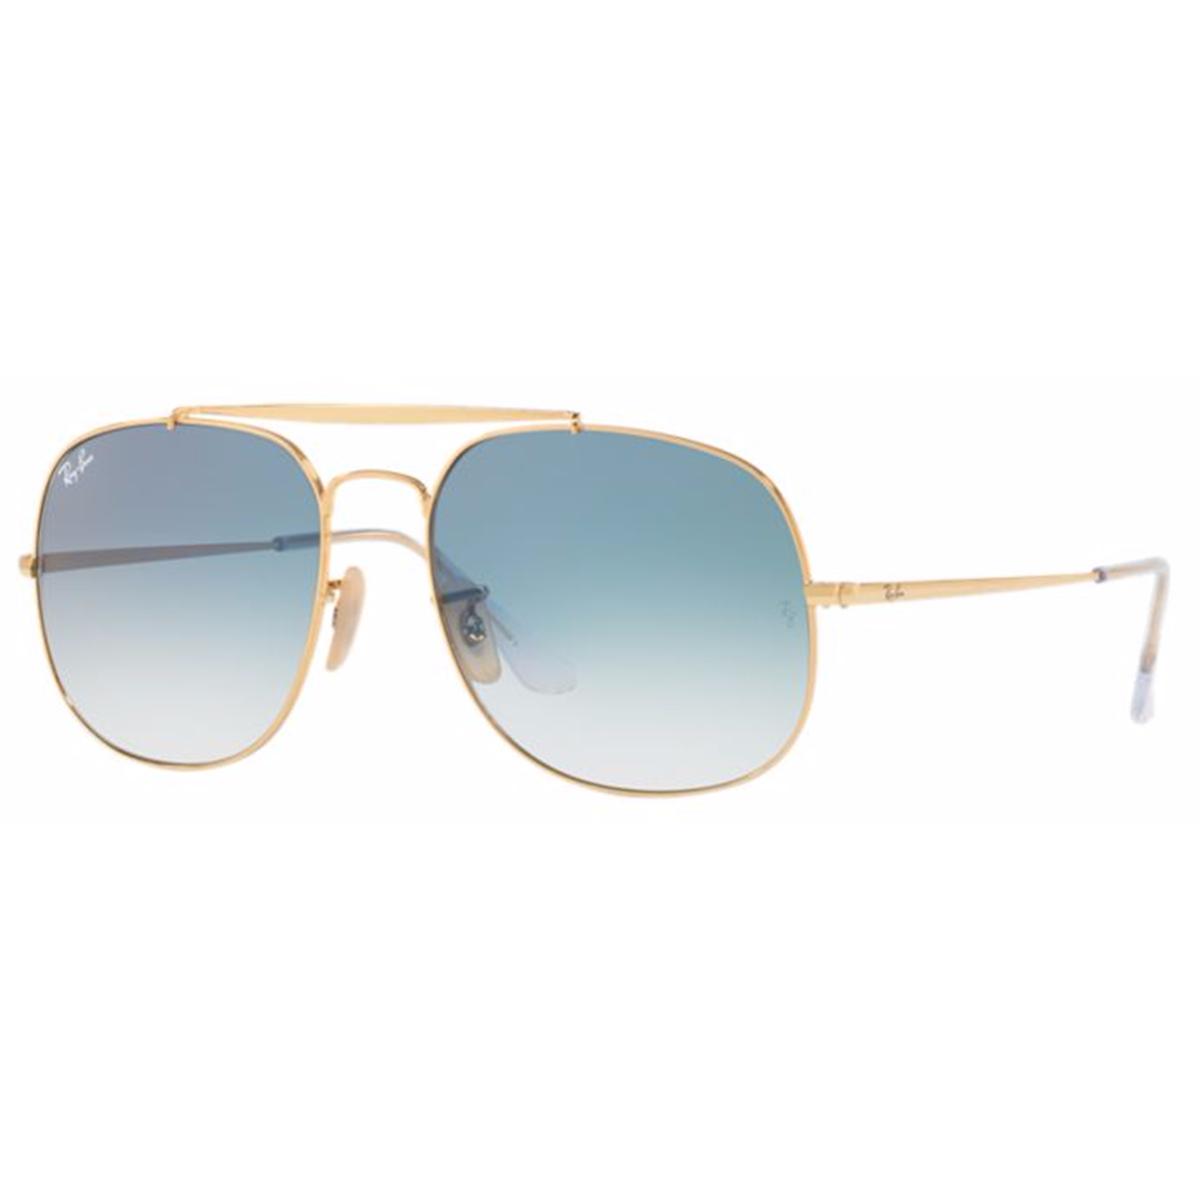 14ca67e12ff64 Compre Óculos de Sol Ray Ban General em 10X